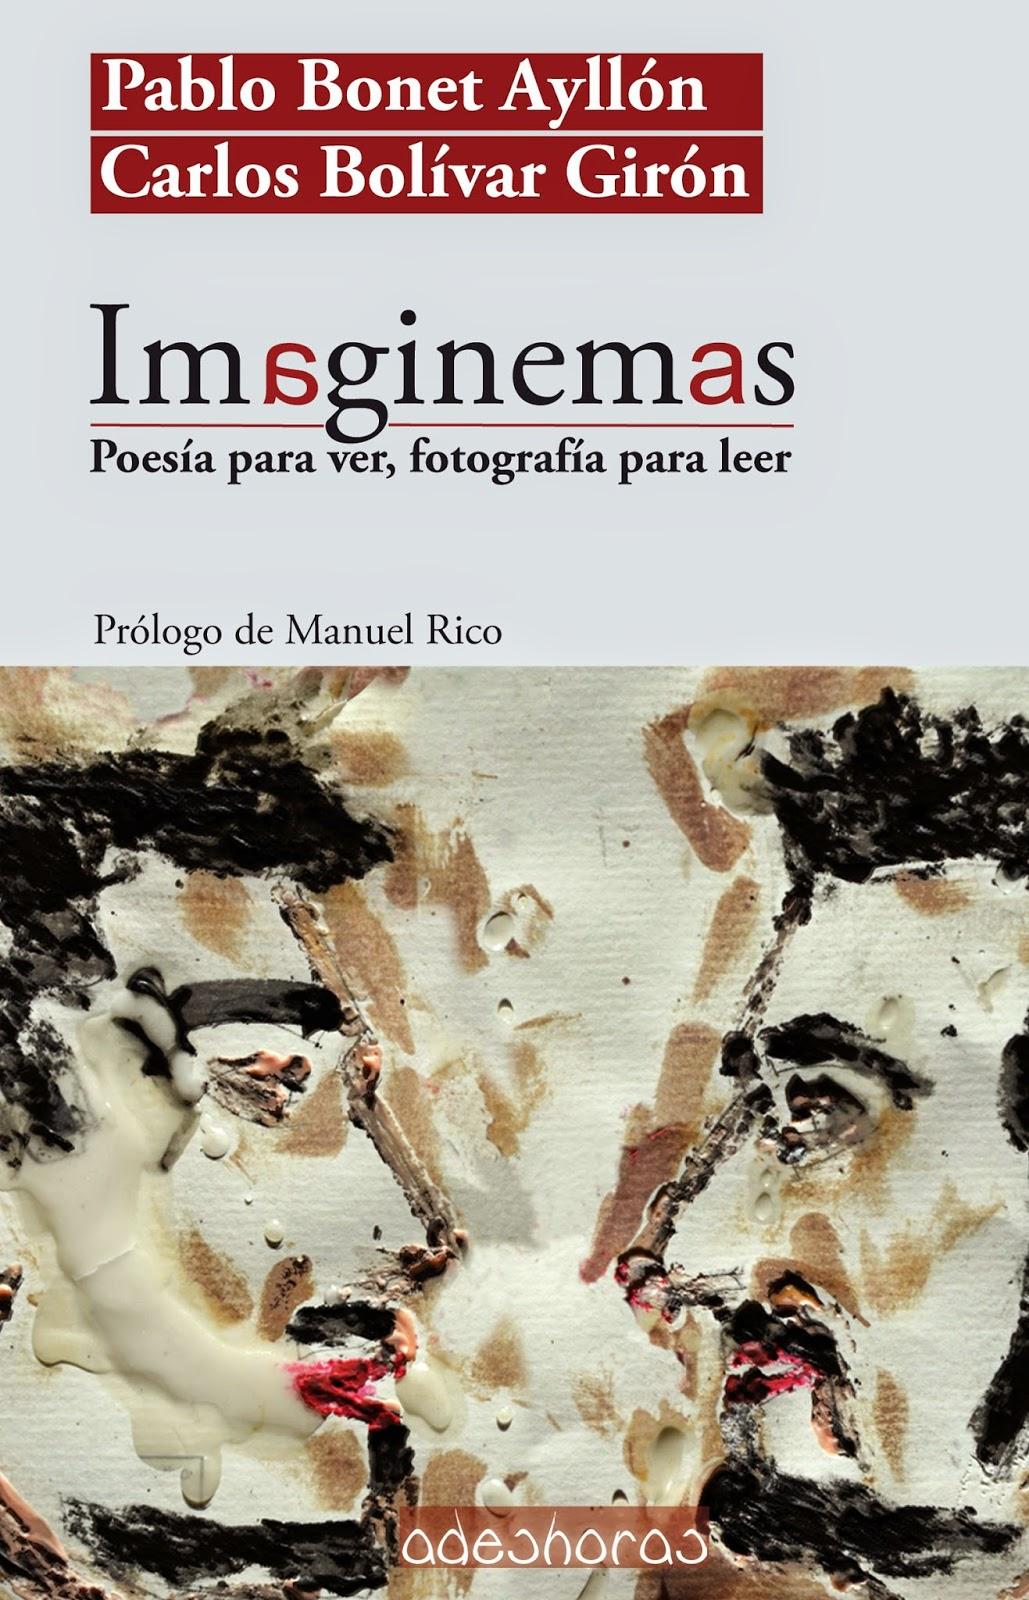 Imaginemas (Poesía para ver, Fotografía para leer)